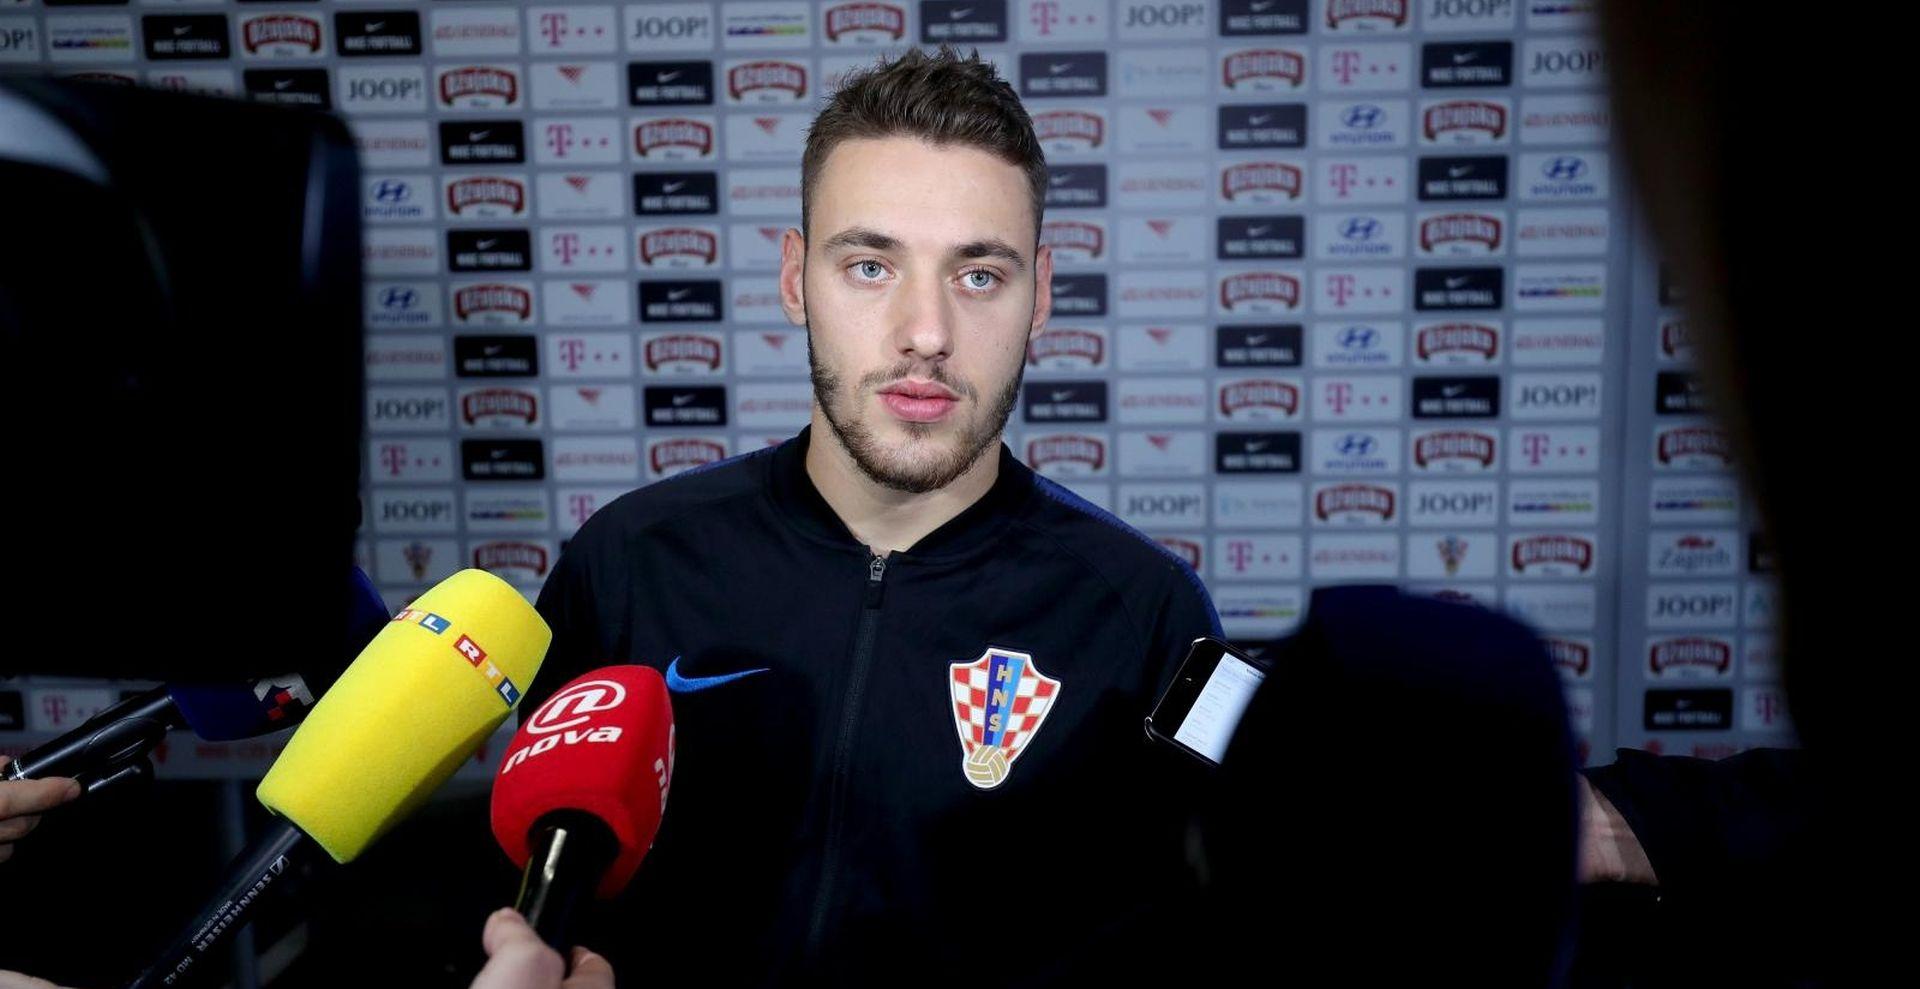 """VLAŠIĆ ODLAZI IZ CSKA? """"Nismo spremni potrošiti toliko na jednog igrača"""""""